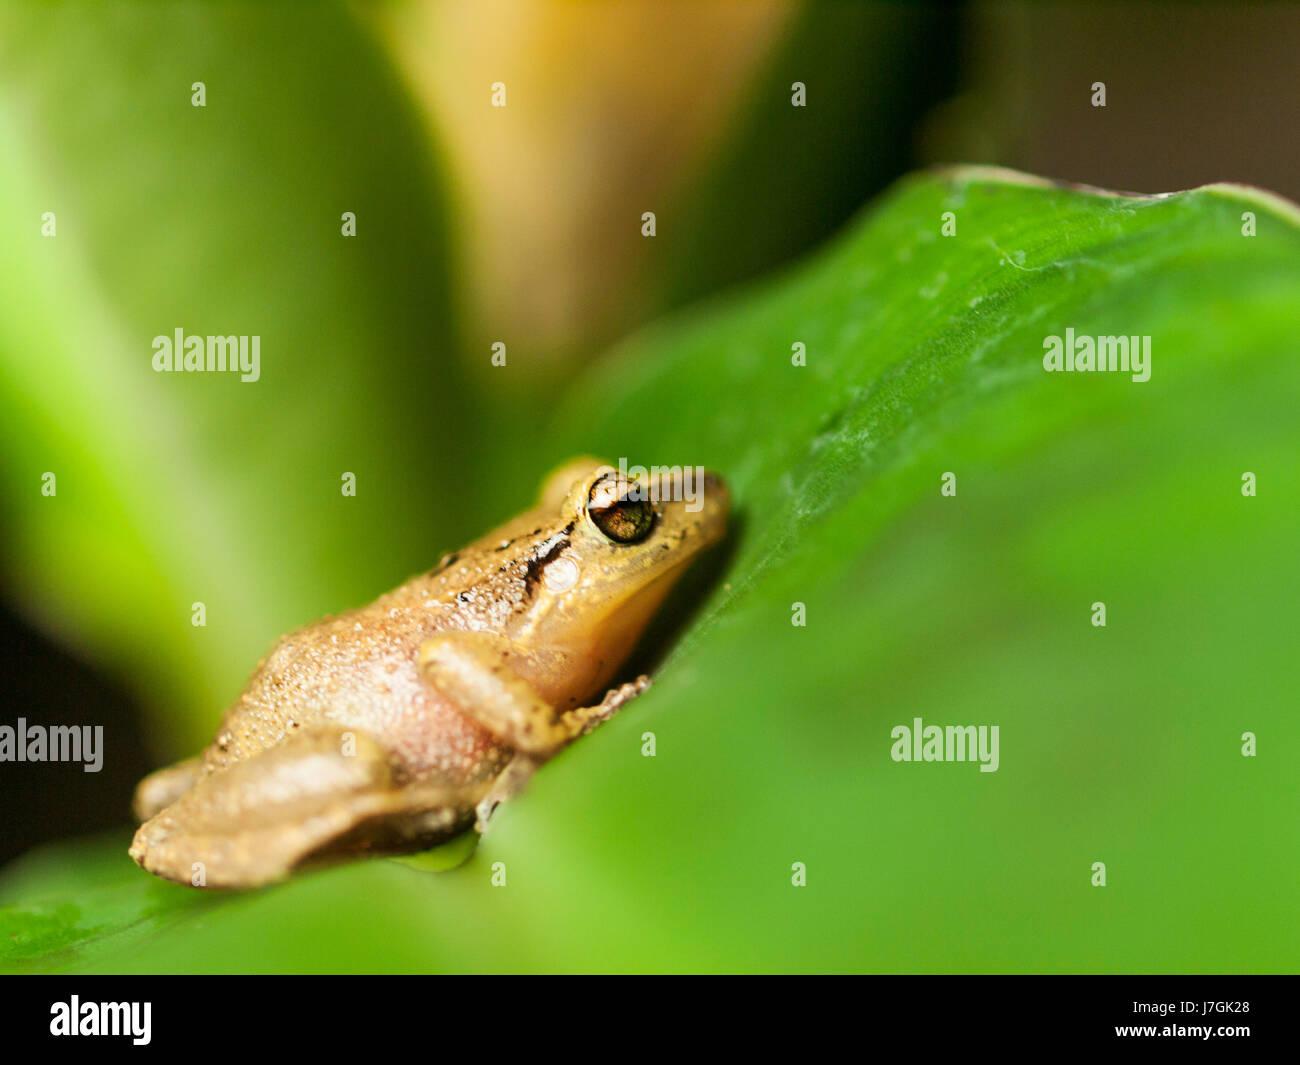 Common Tree Frog on the leaf - Hyla leucomystax - Stock Image